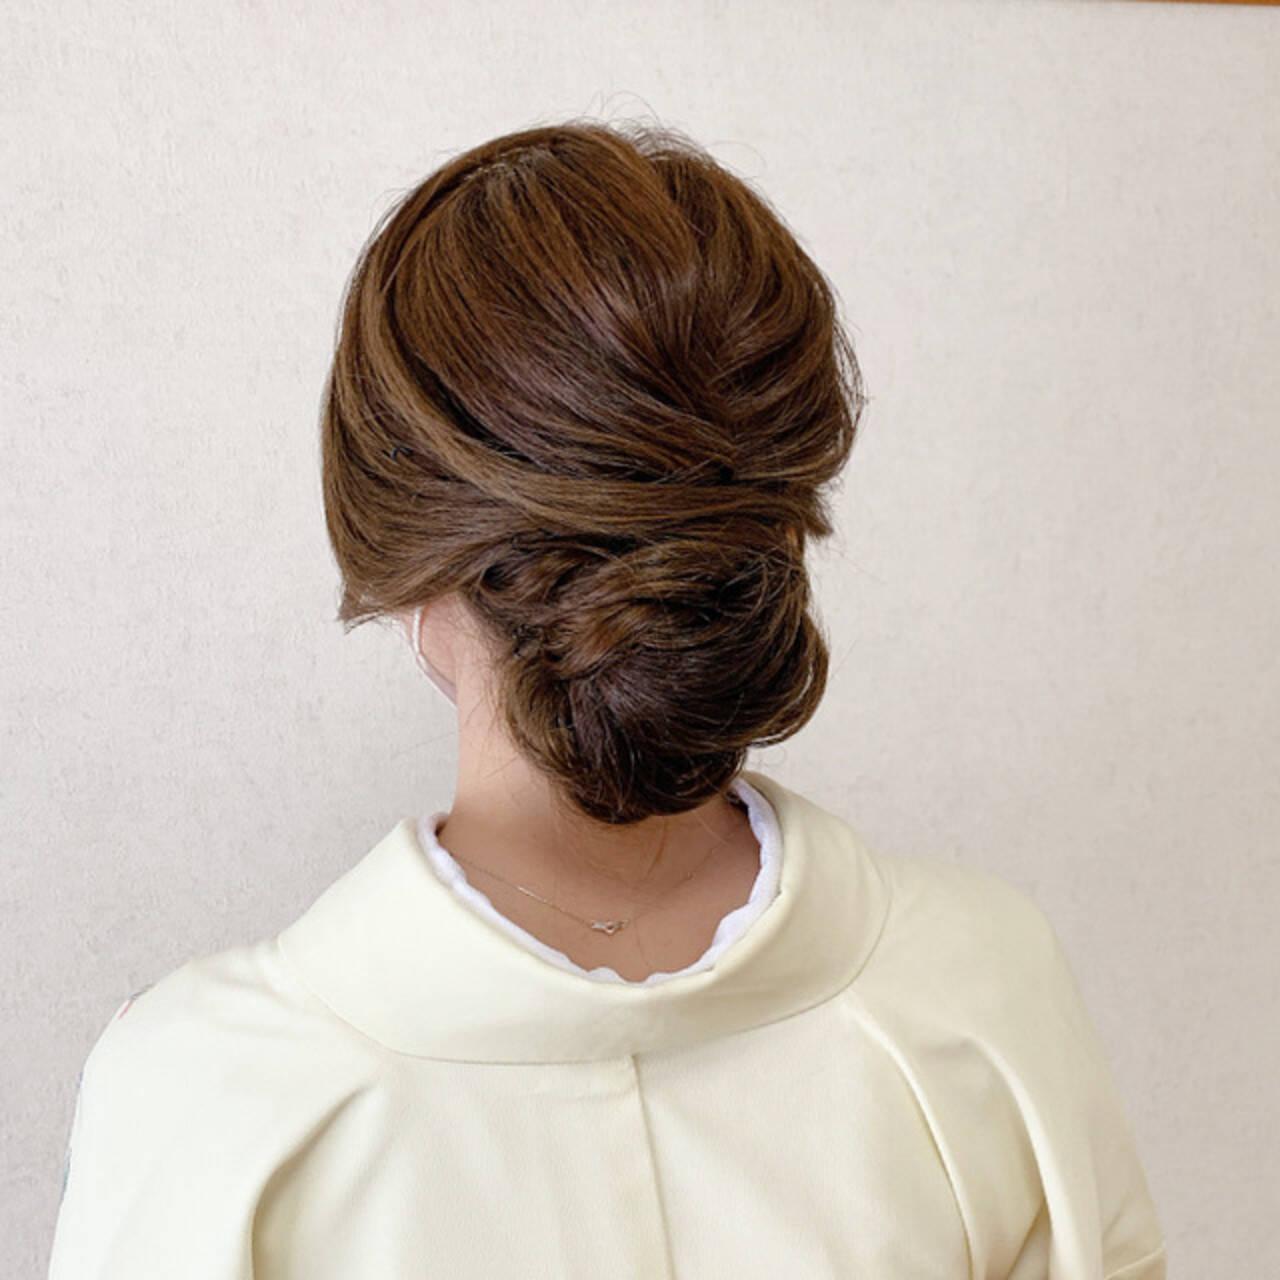 和装ヘア エレガント ミディアム 着物ヘアスタイルや髪型の写真・画像